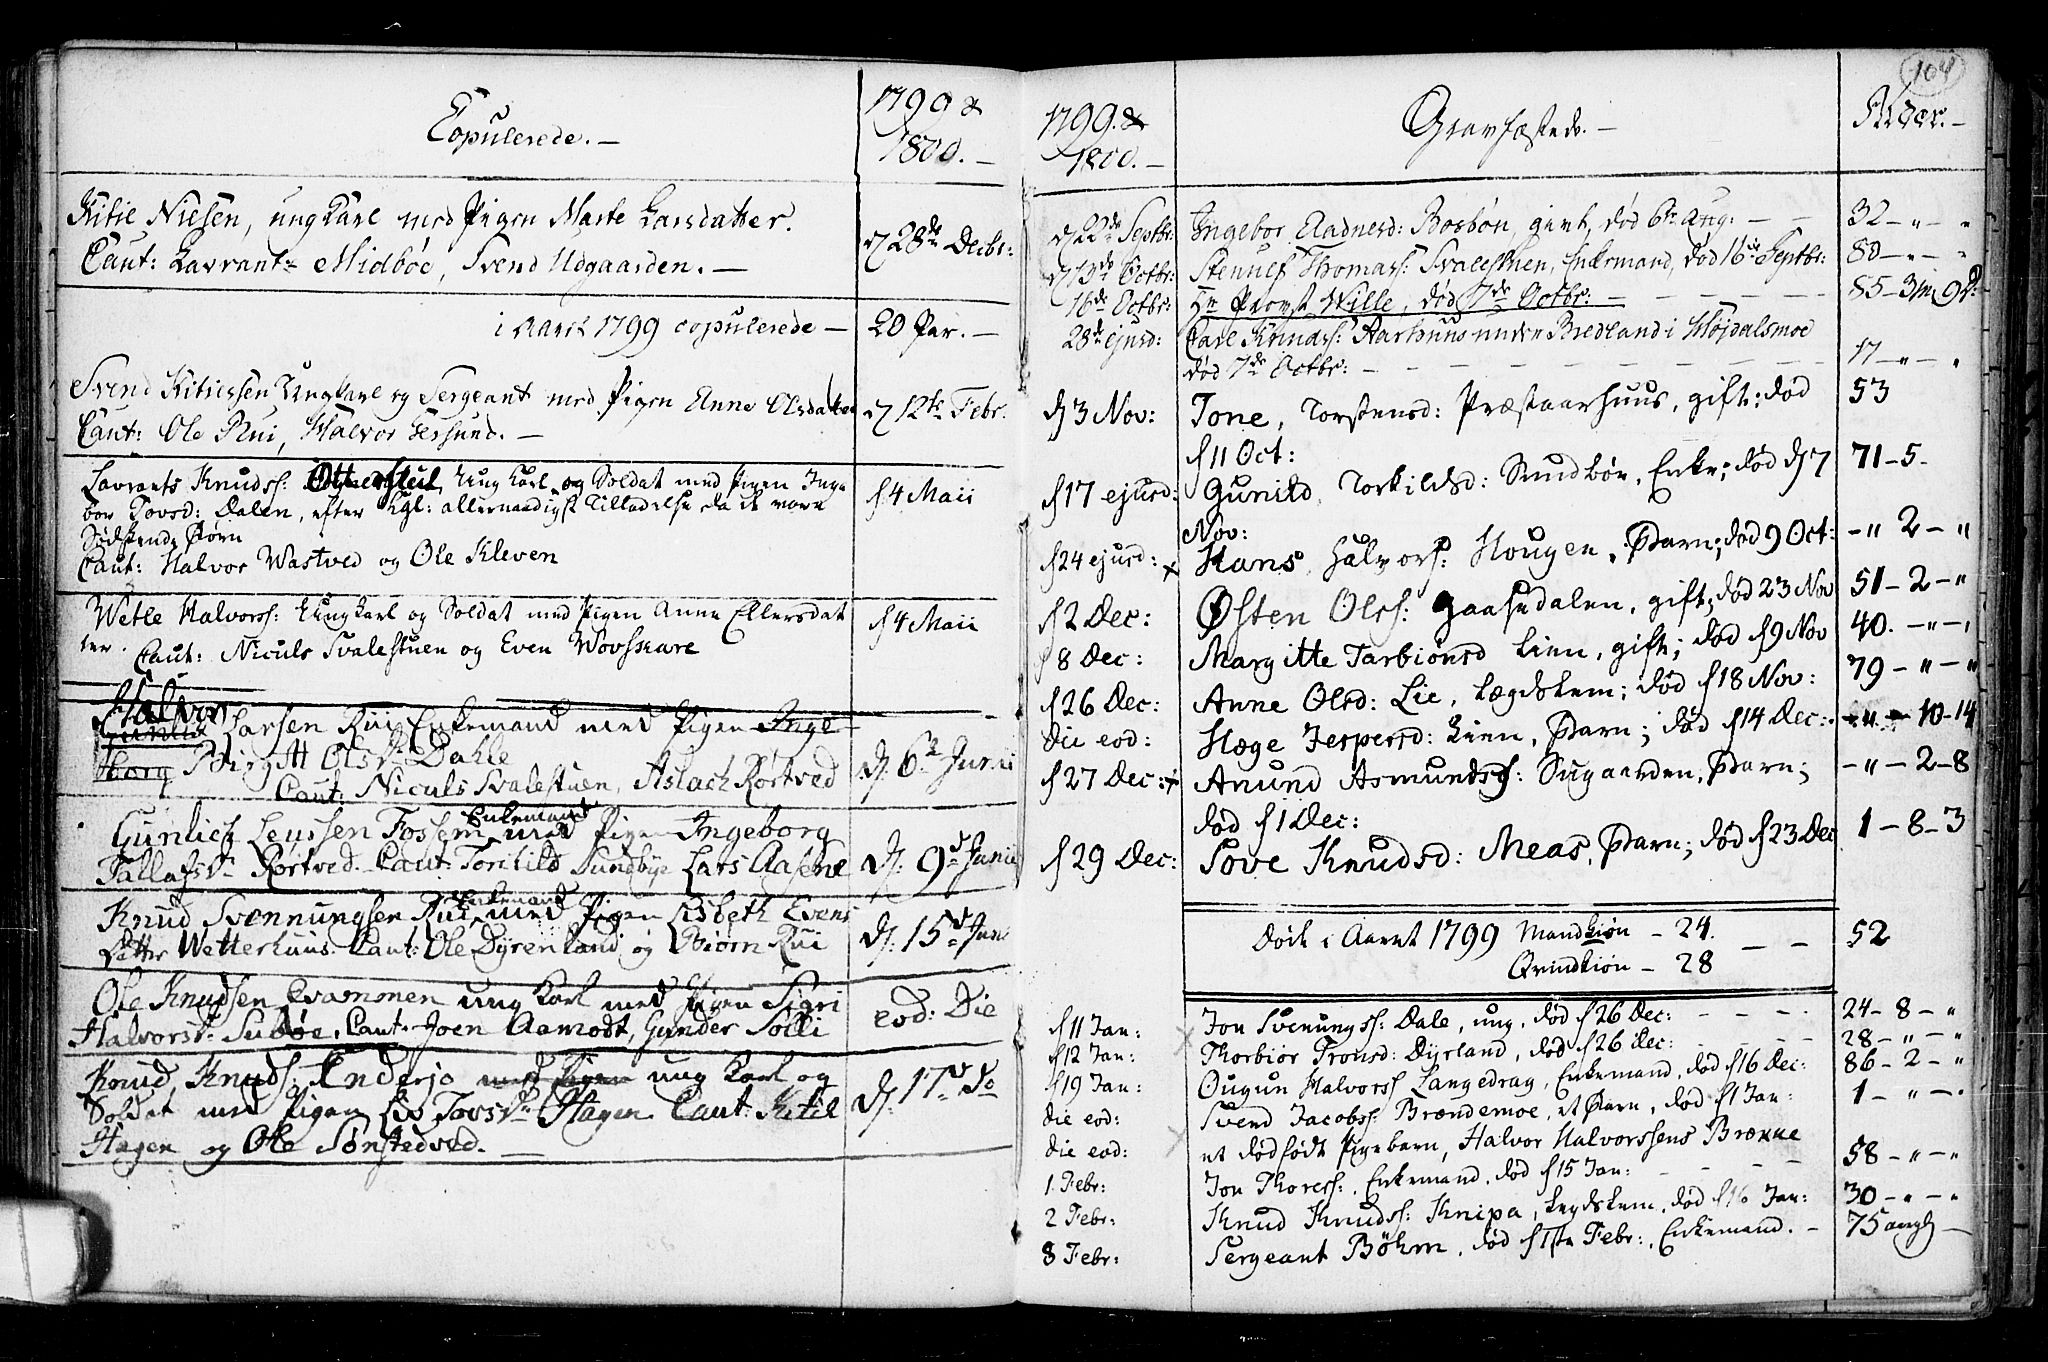 SAKO, Seljord kirkebøker, F/Fa/L0008: Ministerialbok nr. I 8, 1755-1814, s. 104